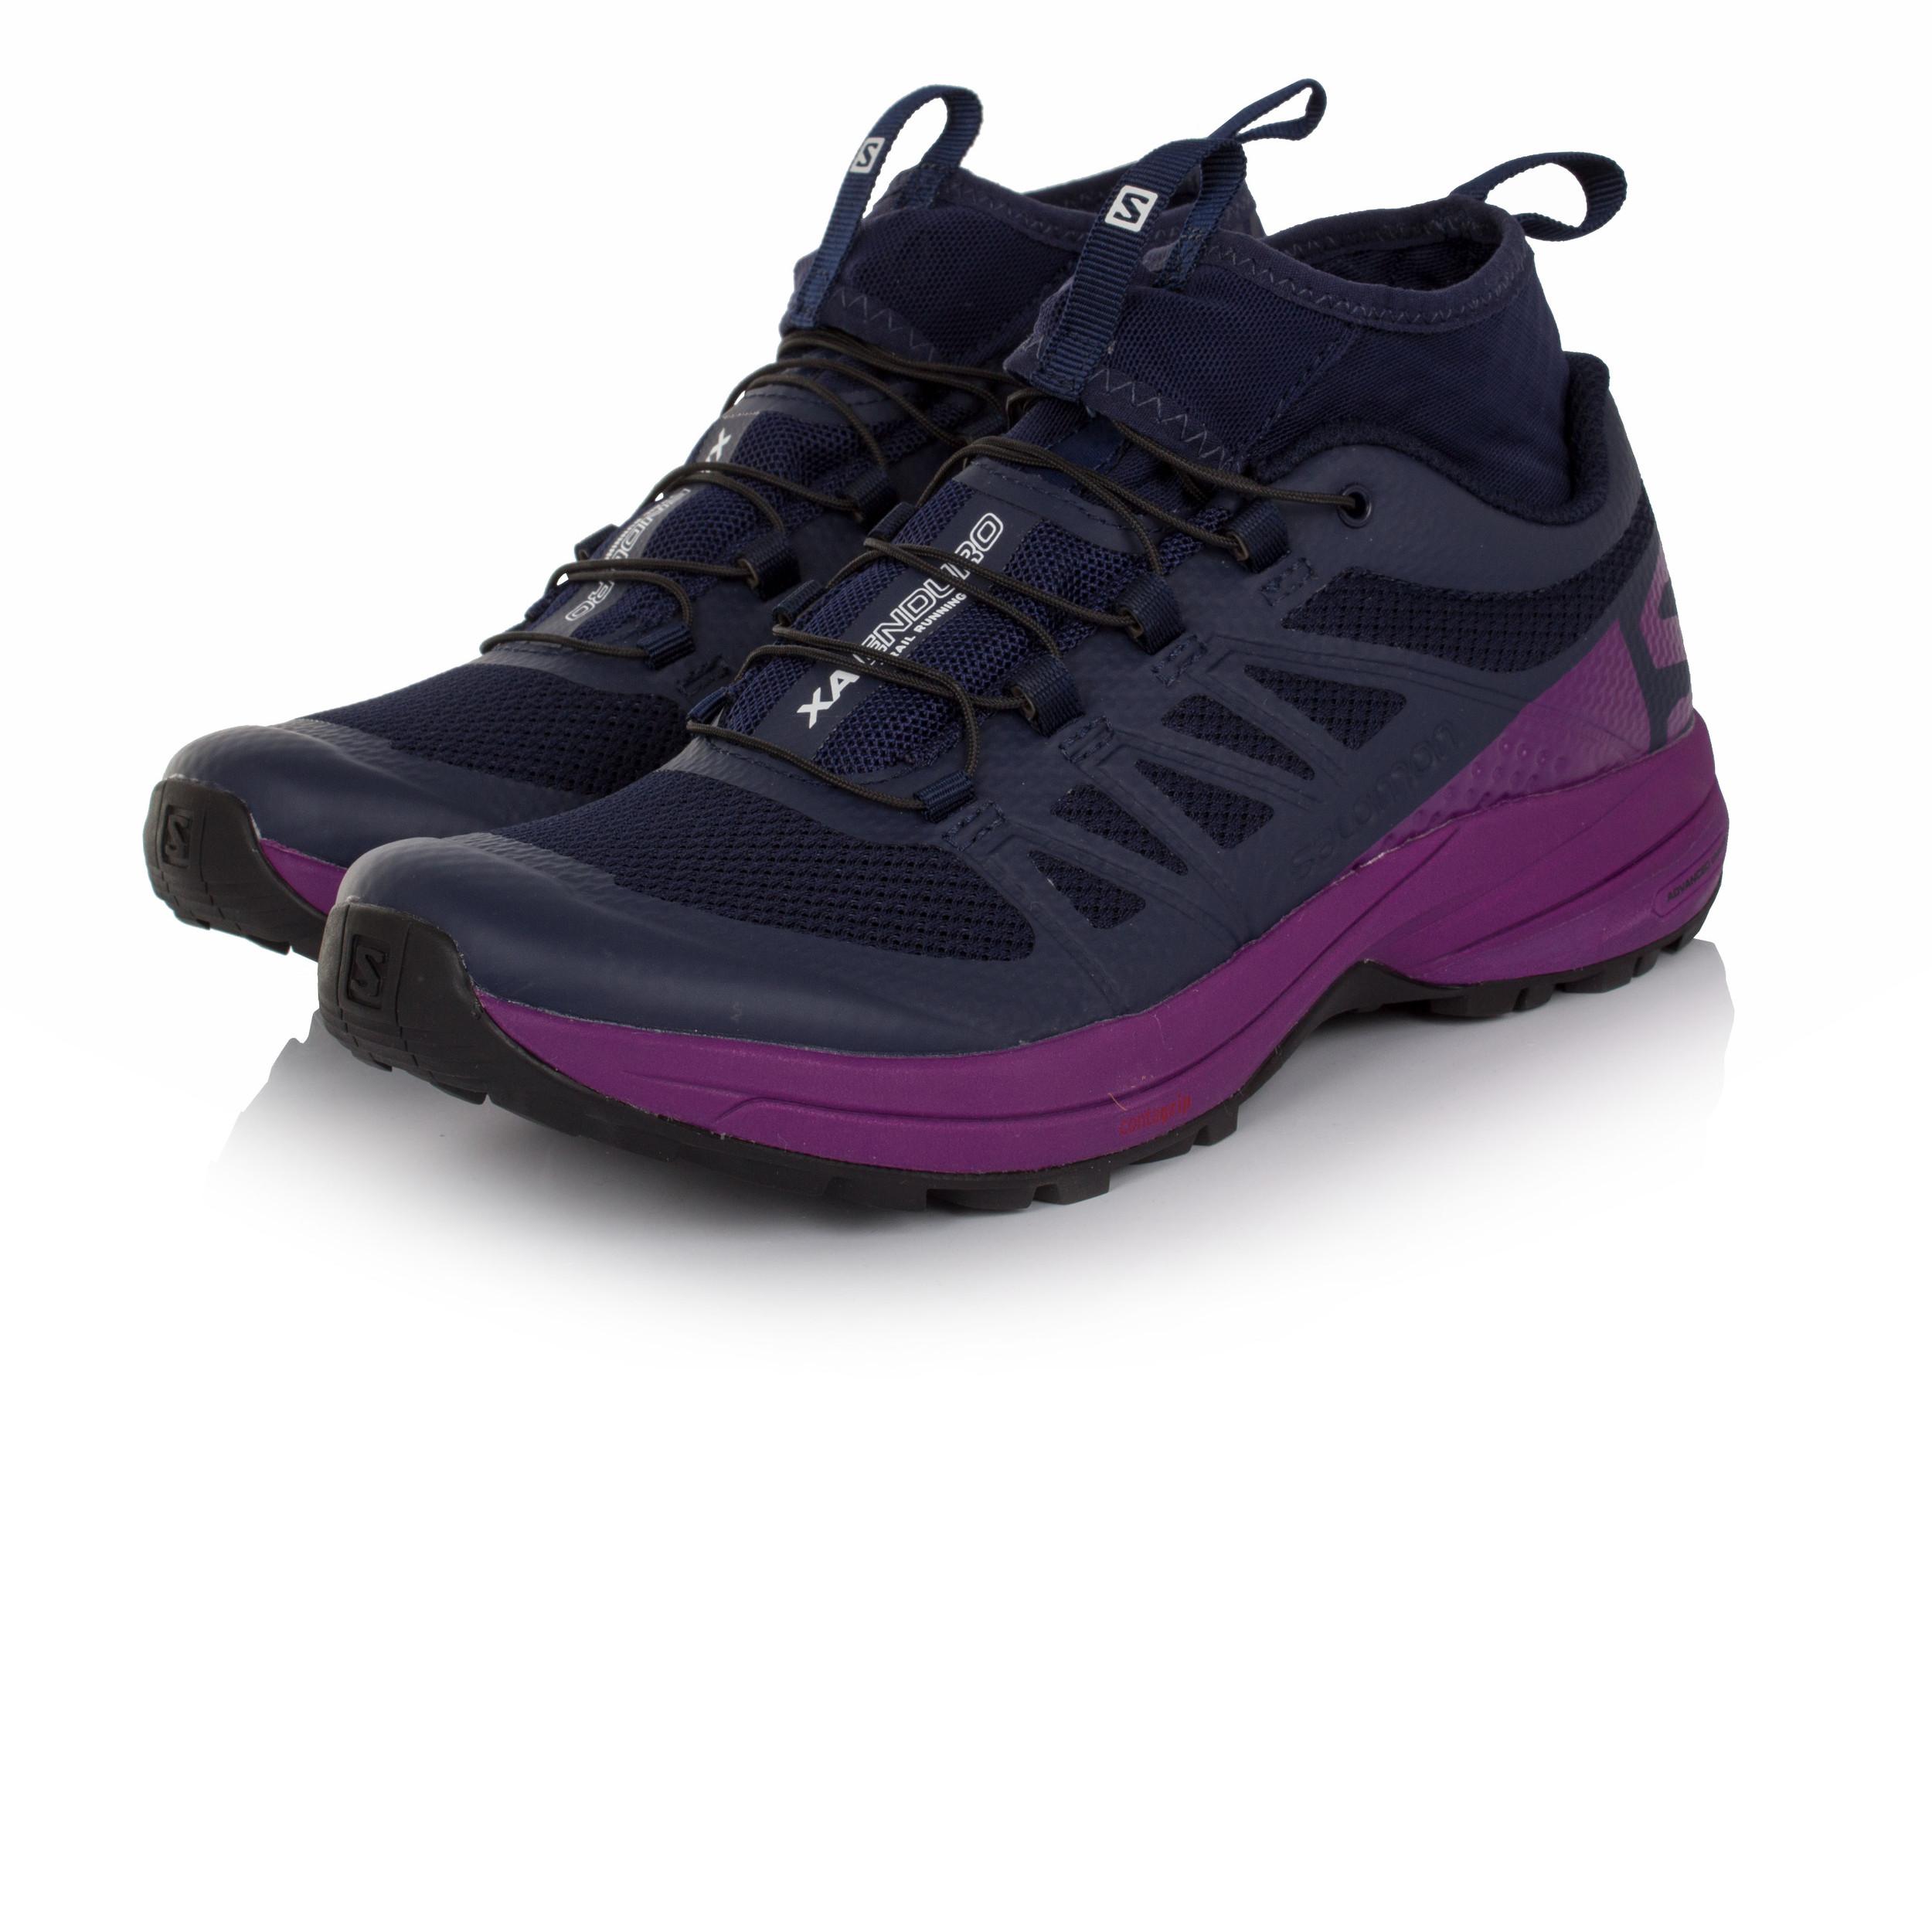 À XA Trail De Femmes Enduro Violet Course Pied Salomon Chaussures 5jc3Lq4AR